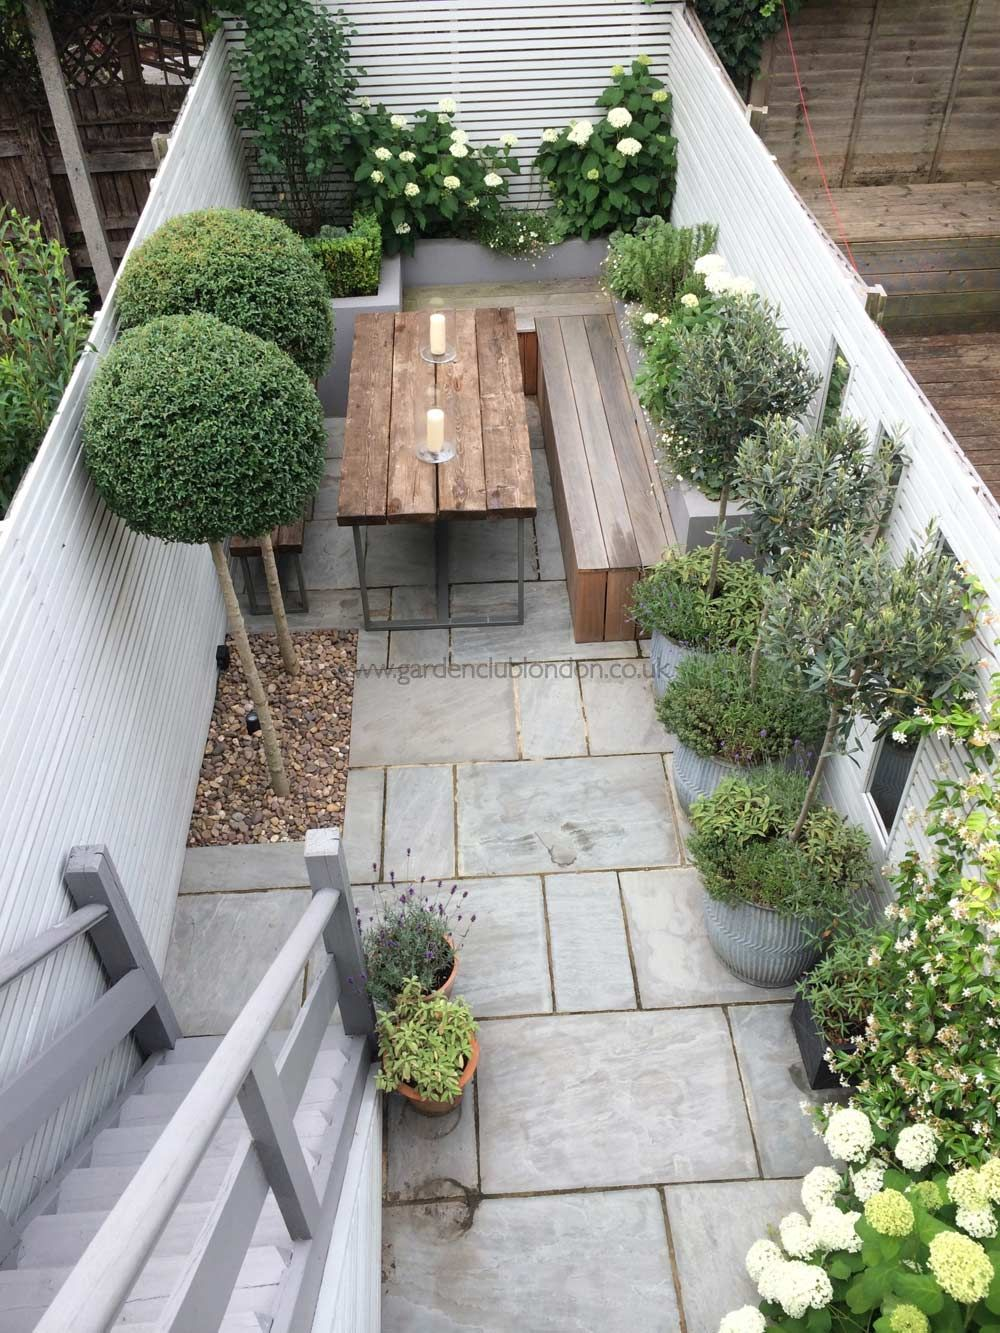 Slim Rear Contemporary Garden Design London Small Courtyard Gardens Small Backyard Landscaping Small Garden Design